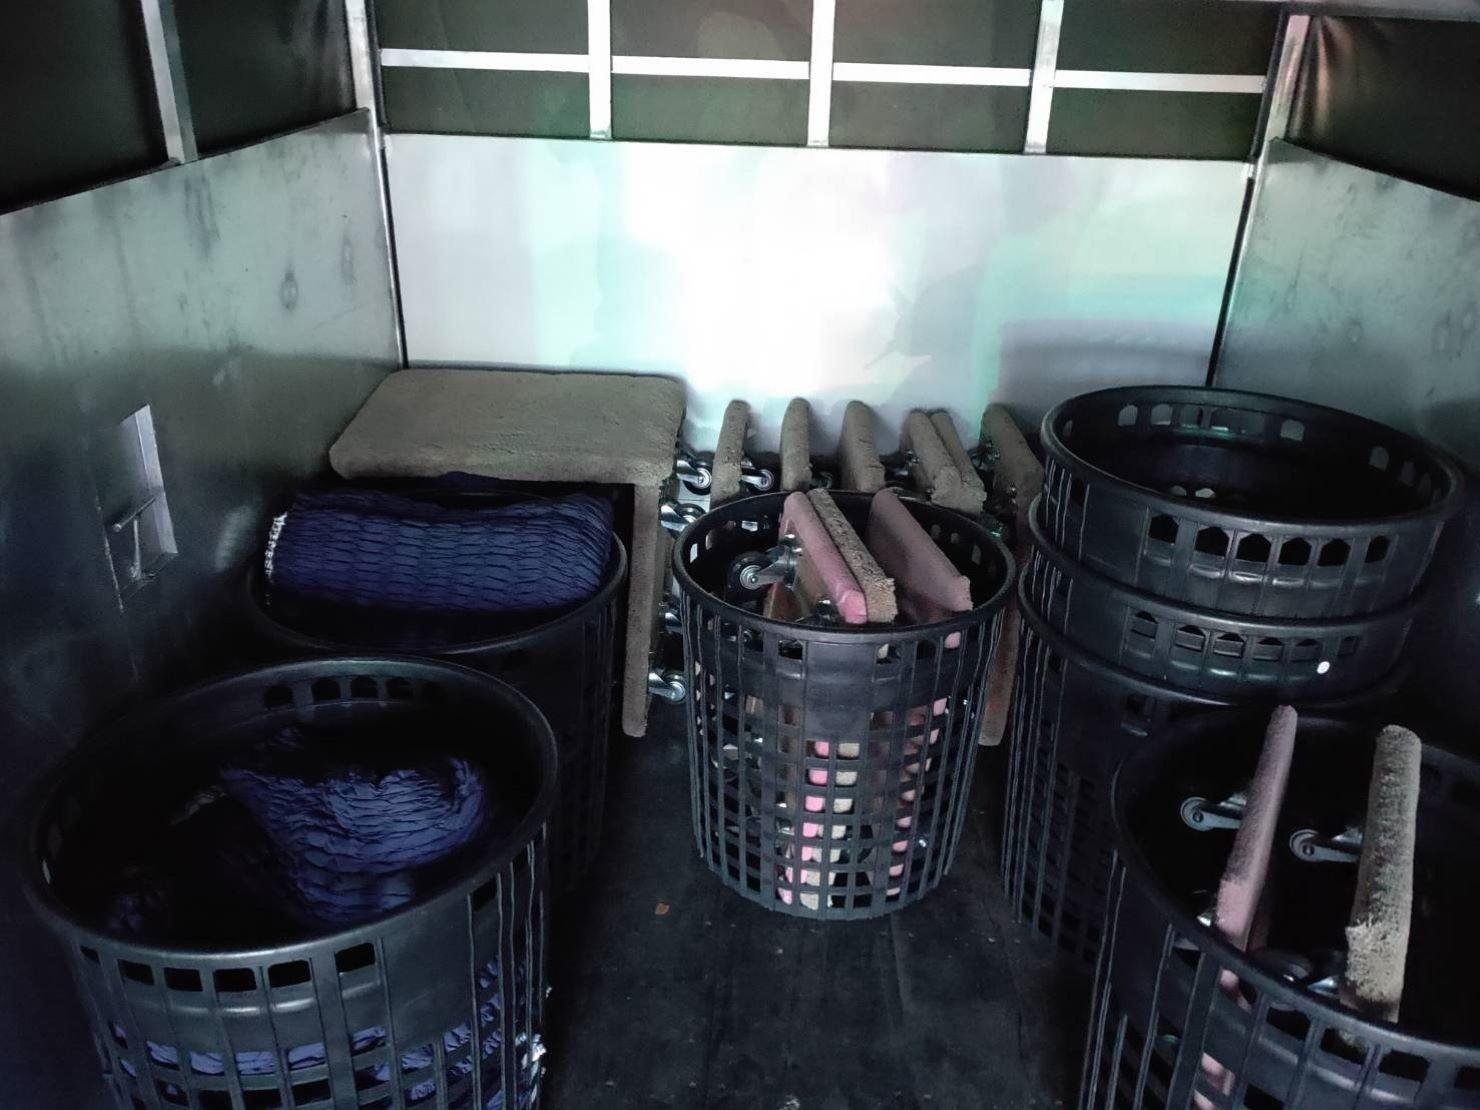 每台搬遷貨車均配有搬家所需配備-板車、蔞子、軍用包裹毯、日式伸縮保護套(大、中、小)、工具箱、電動鑽組、布繩、束帶(大、中、小)、膠膜、膠帶(透明、布紋)